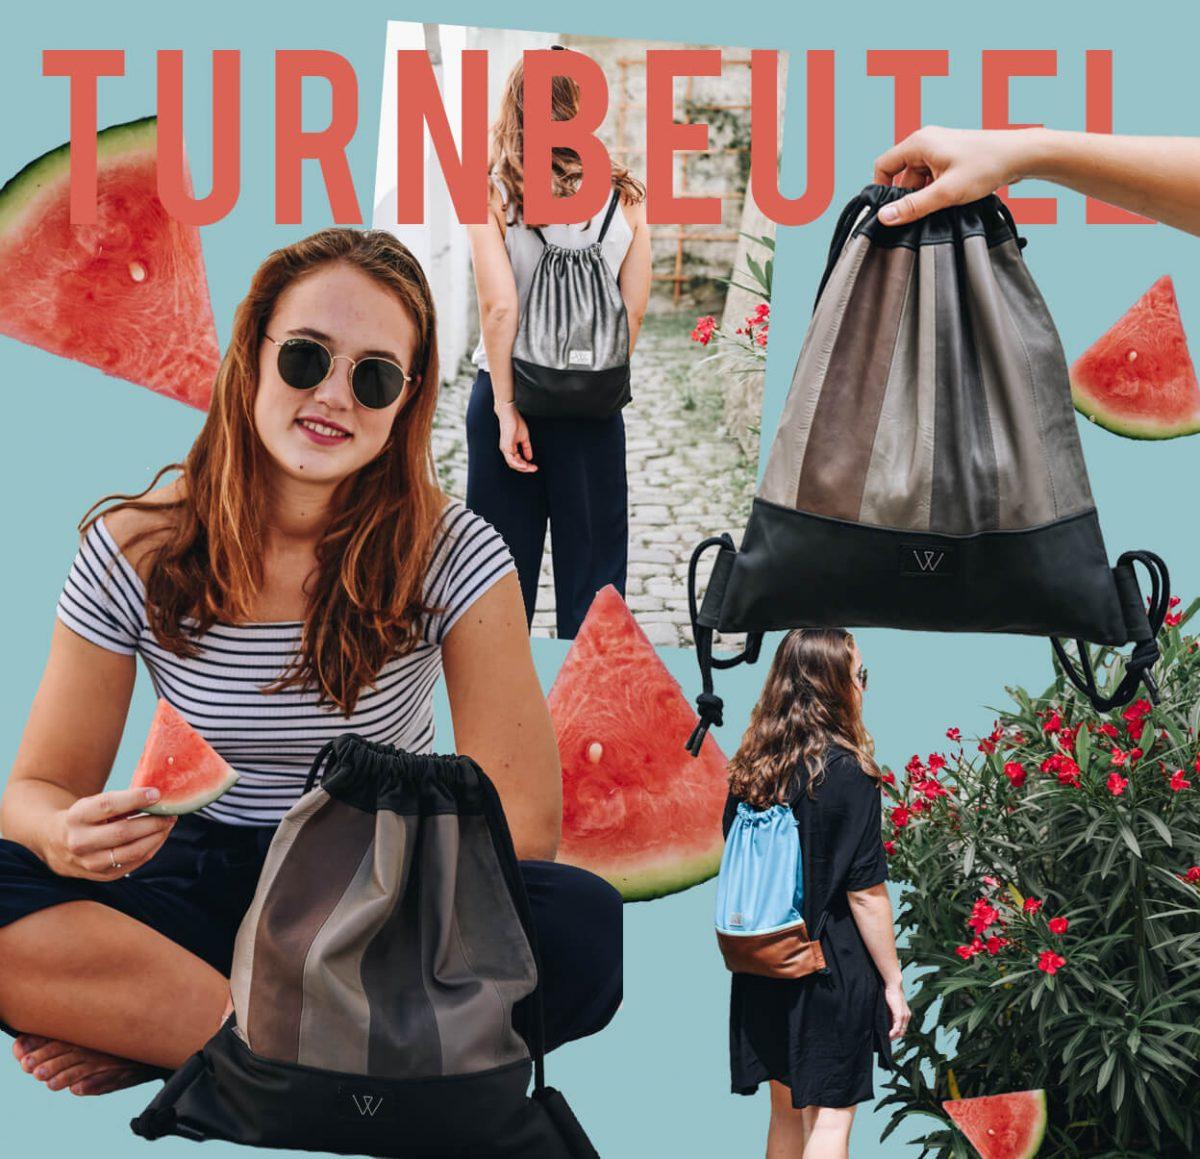 Hipster Turnbeutel | Bunt | Wunschleder | Tasche | Made in Germany | Leder